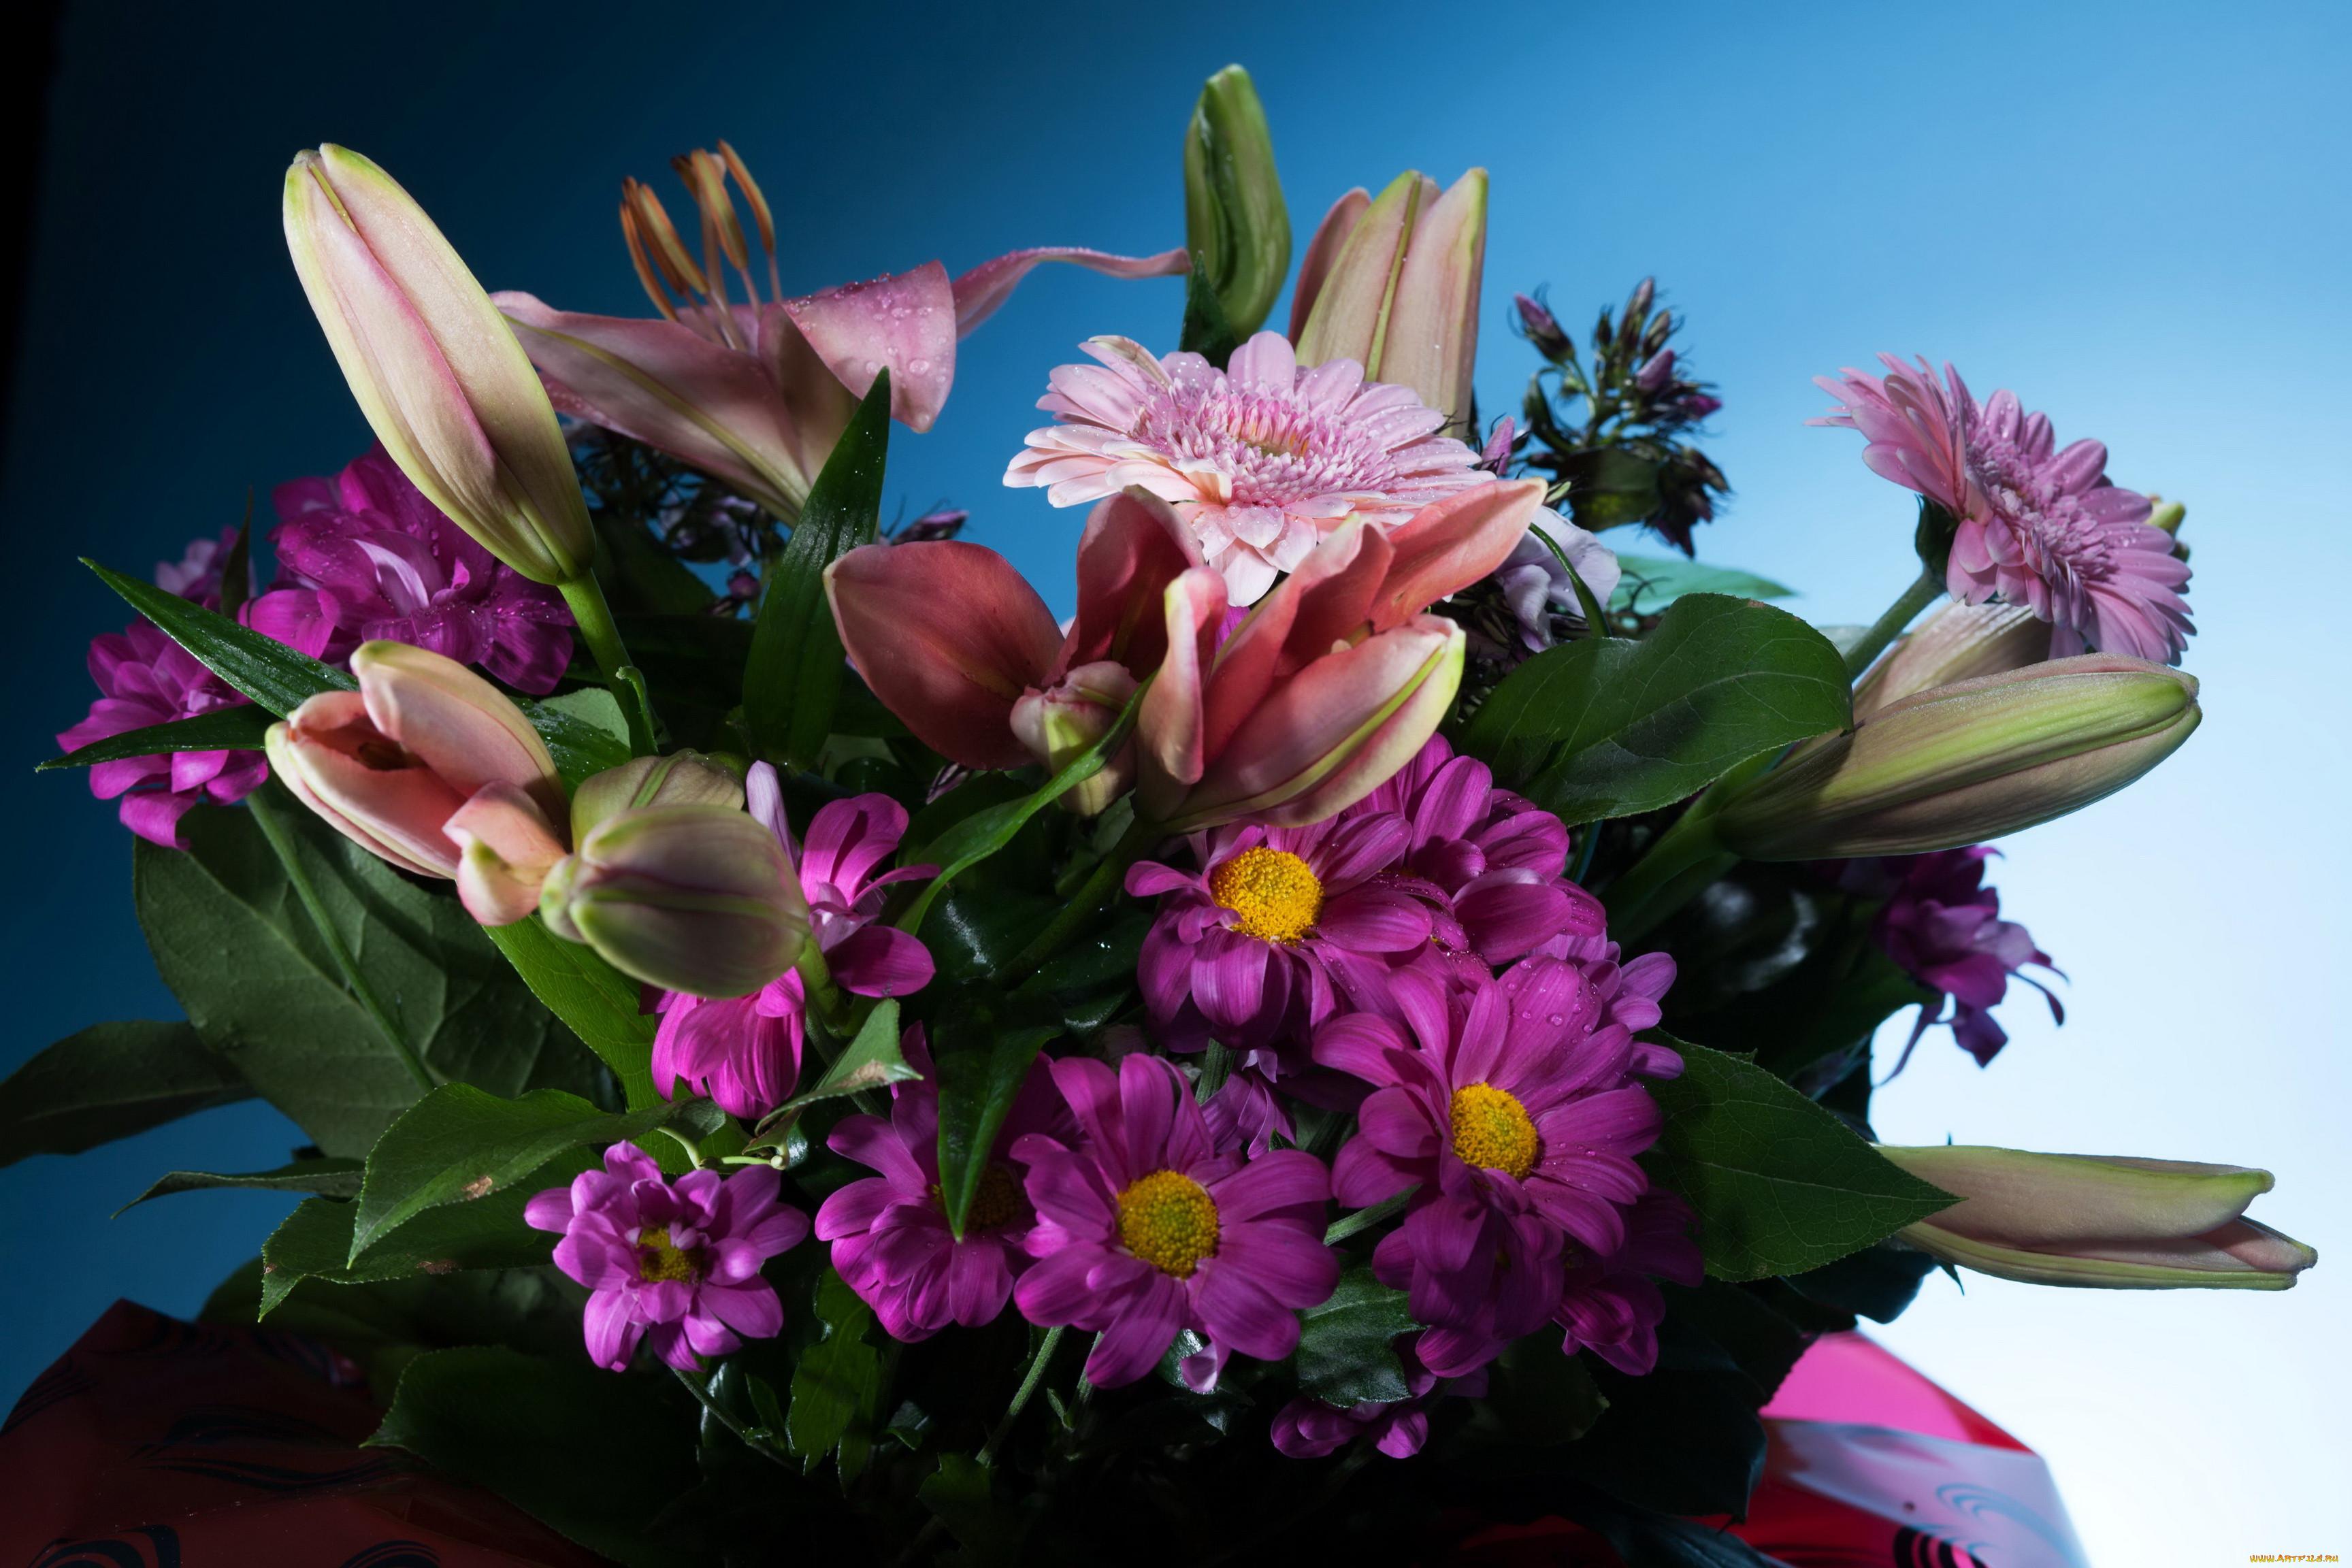 красивый букет цветов фото лилии этого